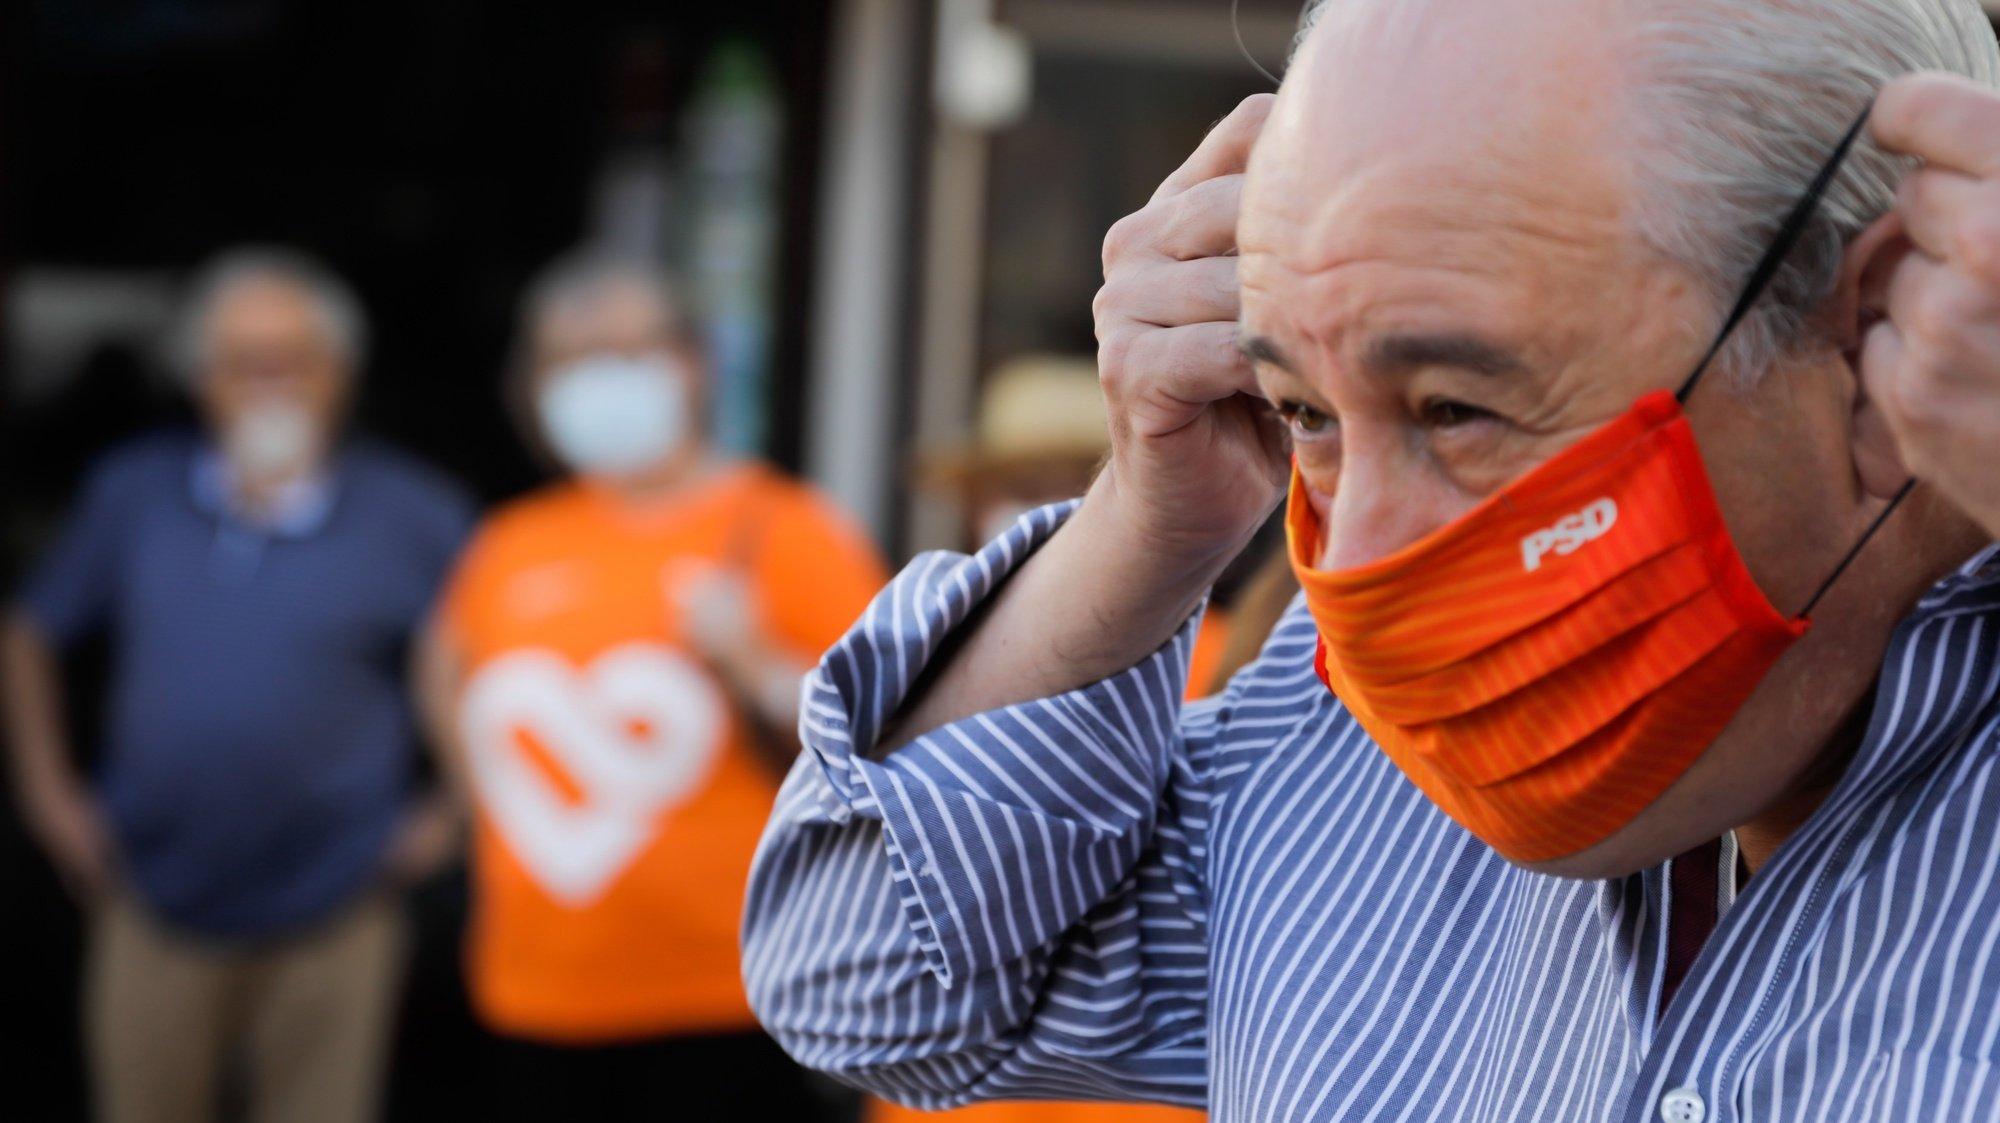 O presidente do Partido Social Democrata (PSD), Rui Rio, durante uma ação de campanha no âmbito das Eleições autárquicas 2021, em Porto de Mós, 10 de setembro de 2021. PAULO CUNHA/LUSA